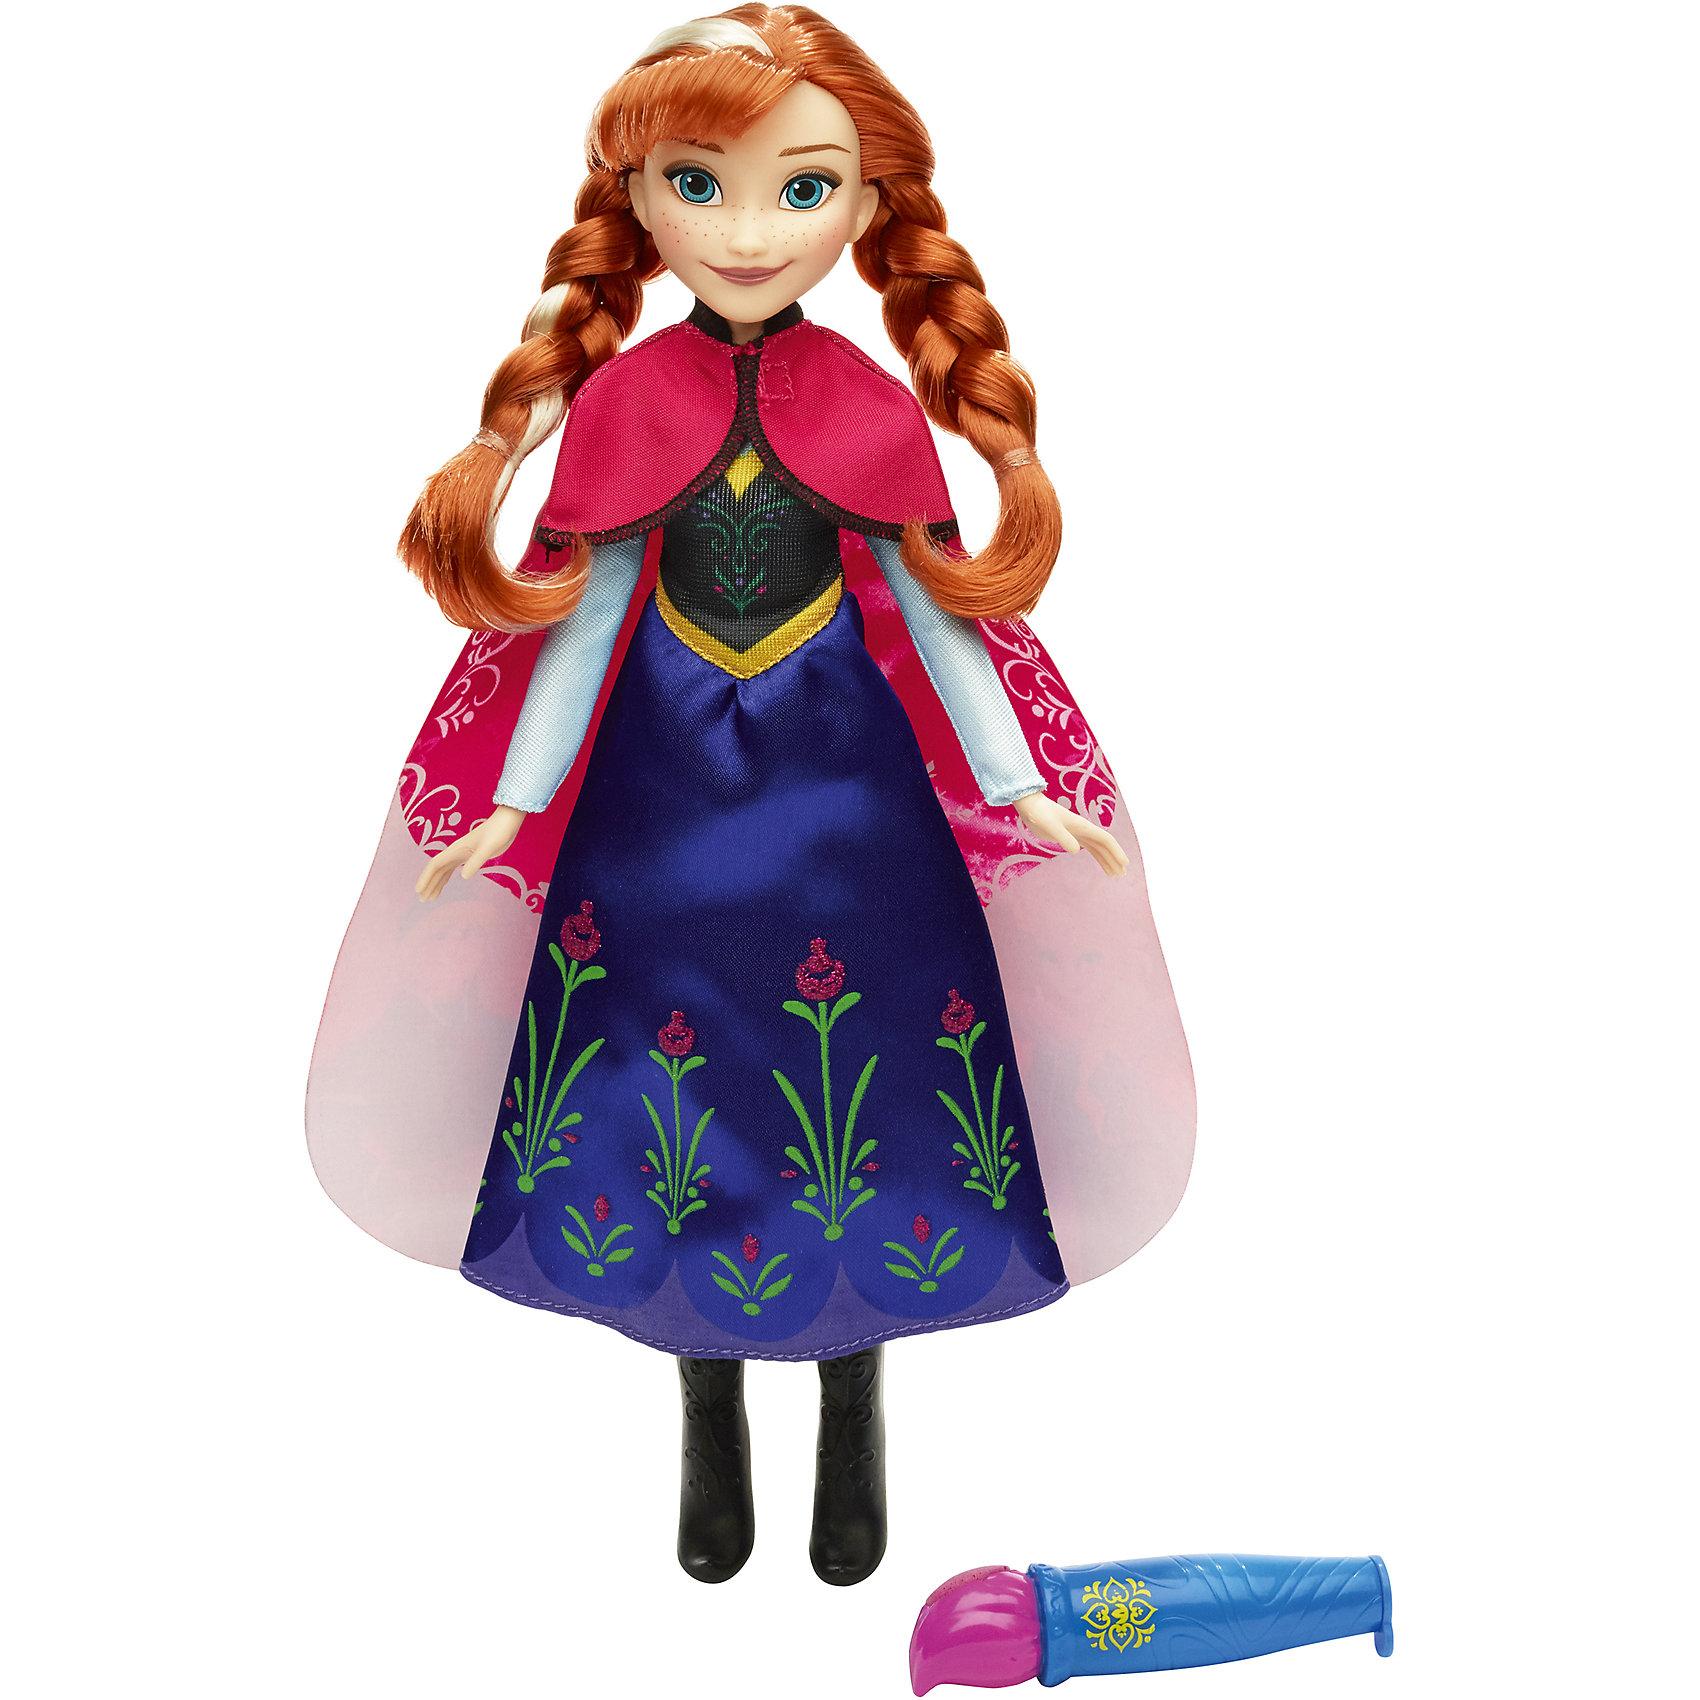 Hasbro Кукла Анна в наряде с проявляющимся рисунком, Холодное Сердце настольные игры hasbro операция холодное сердце